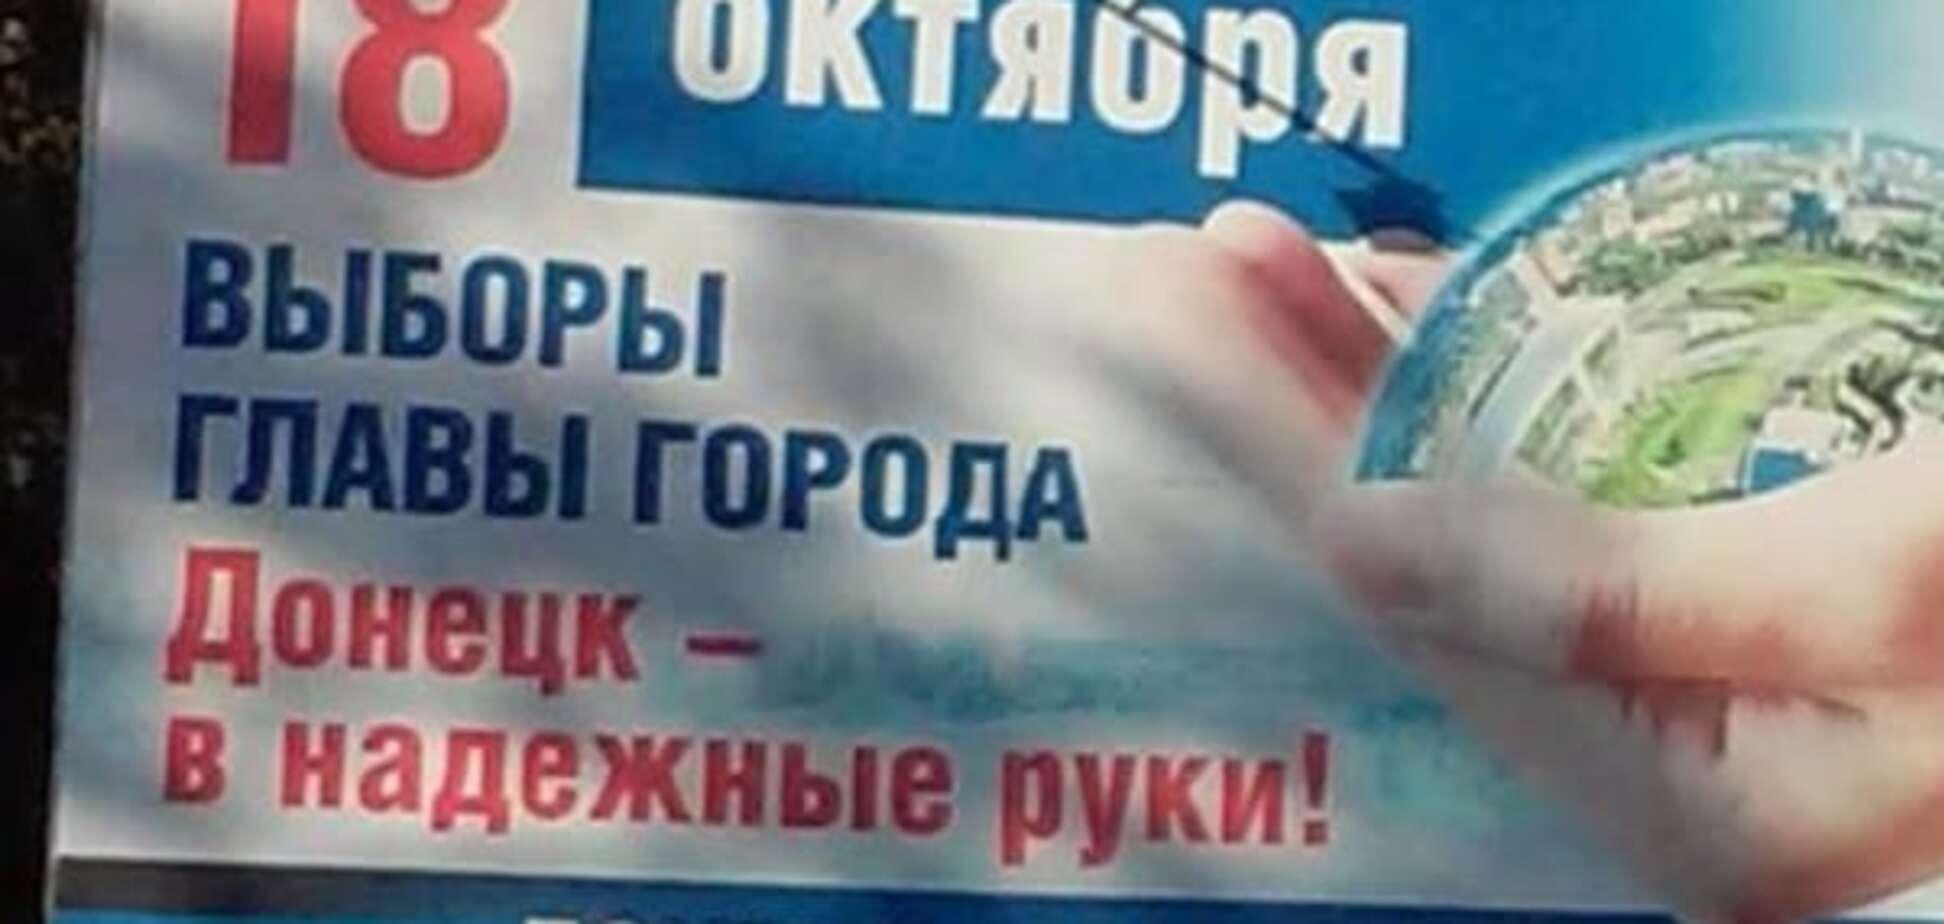 Терористи 'ДНР' розгорнули рекламну кампанію 'виборів': опубліковано фото